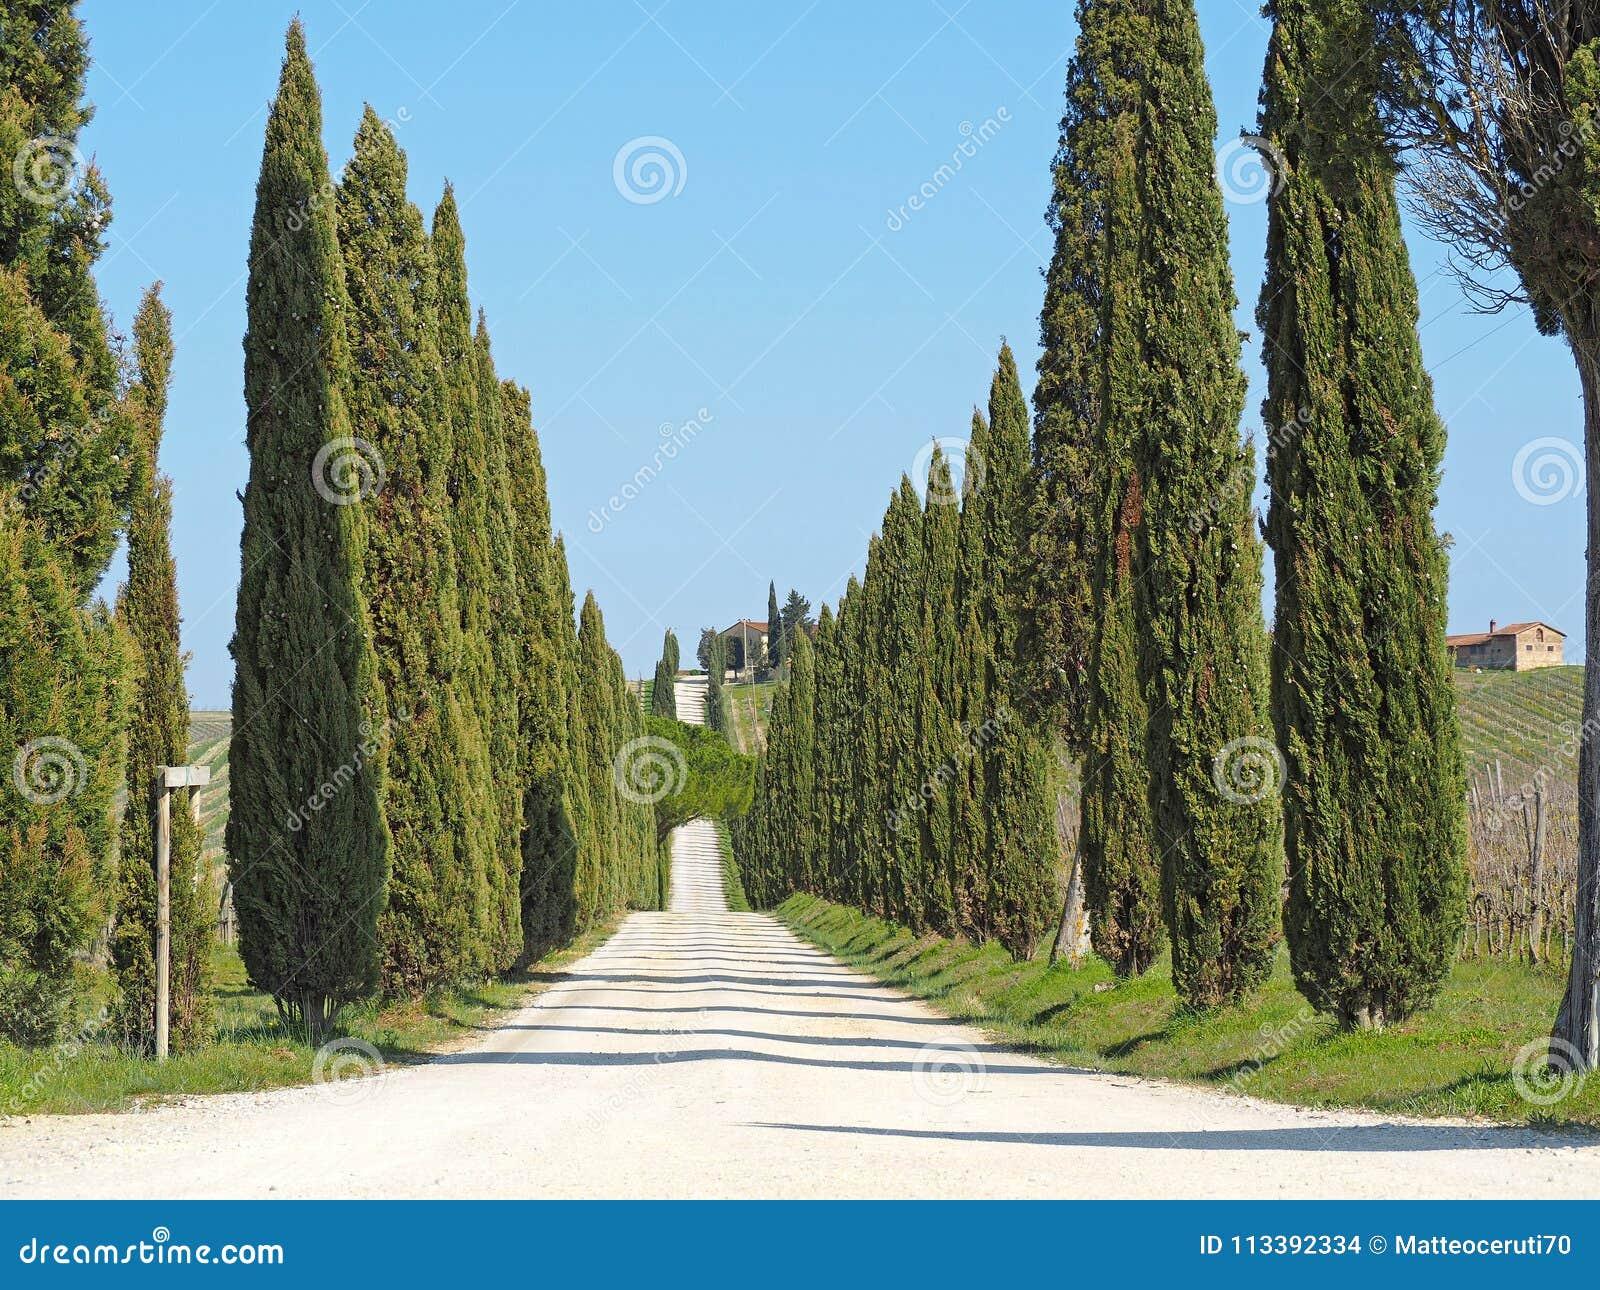 Toscanië, landschap van een cipresweg dichtbij de wijngaarden